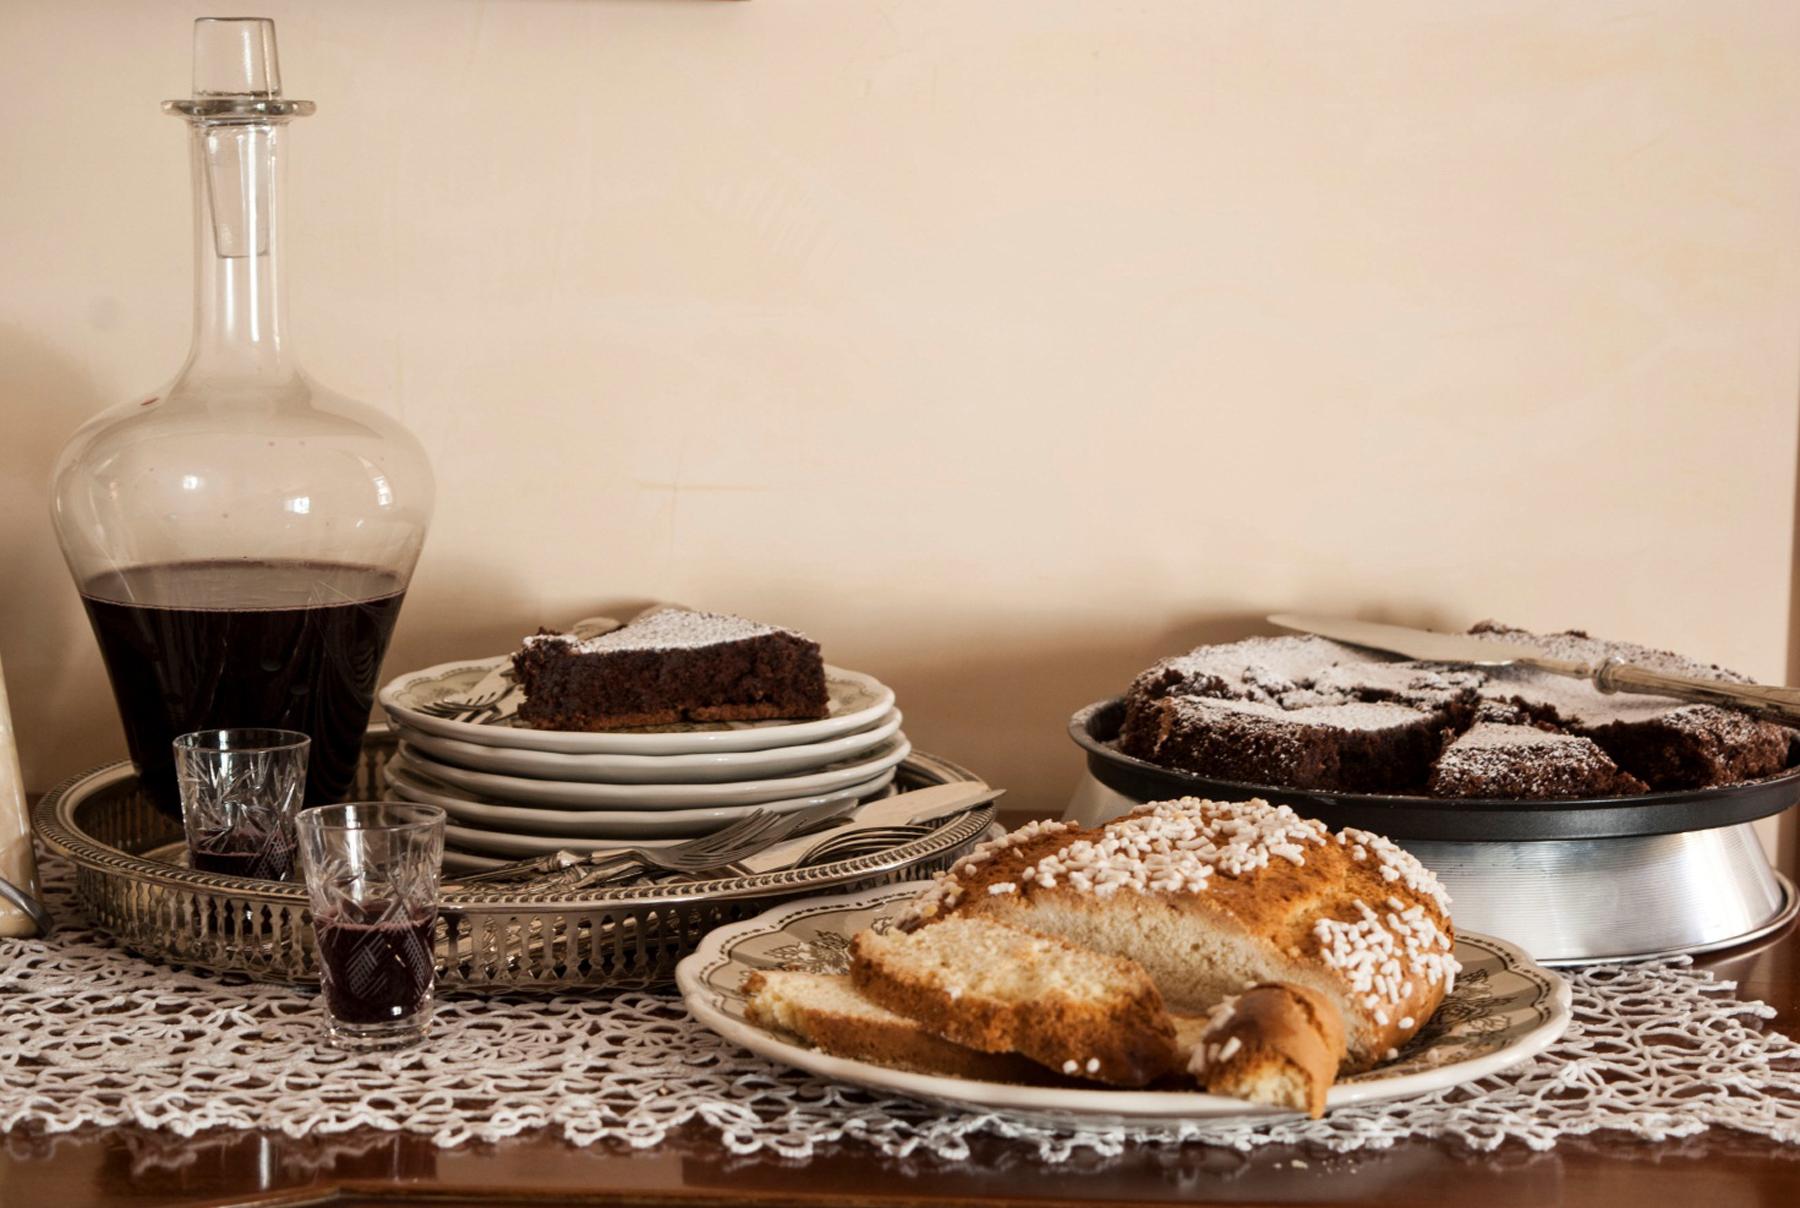 Torte Da Credenza Ricette : I dolci da credenza aifb